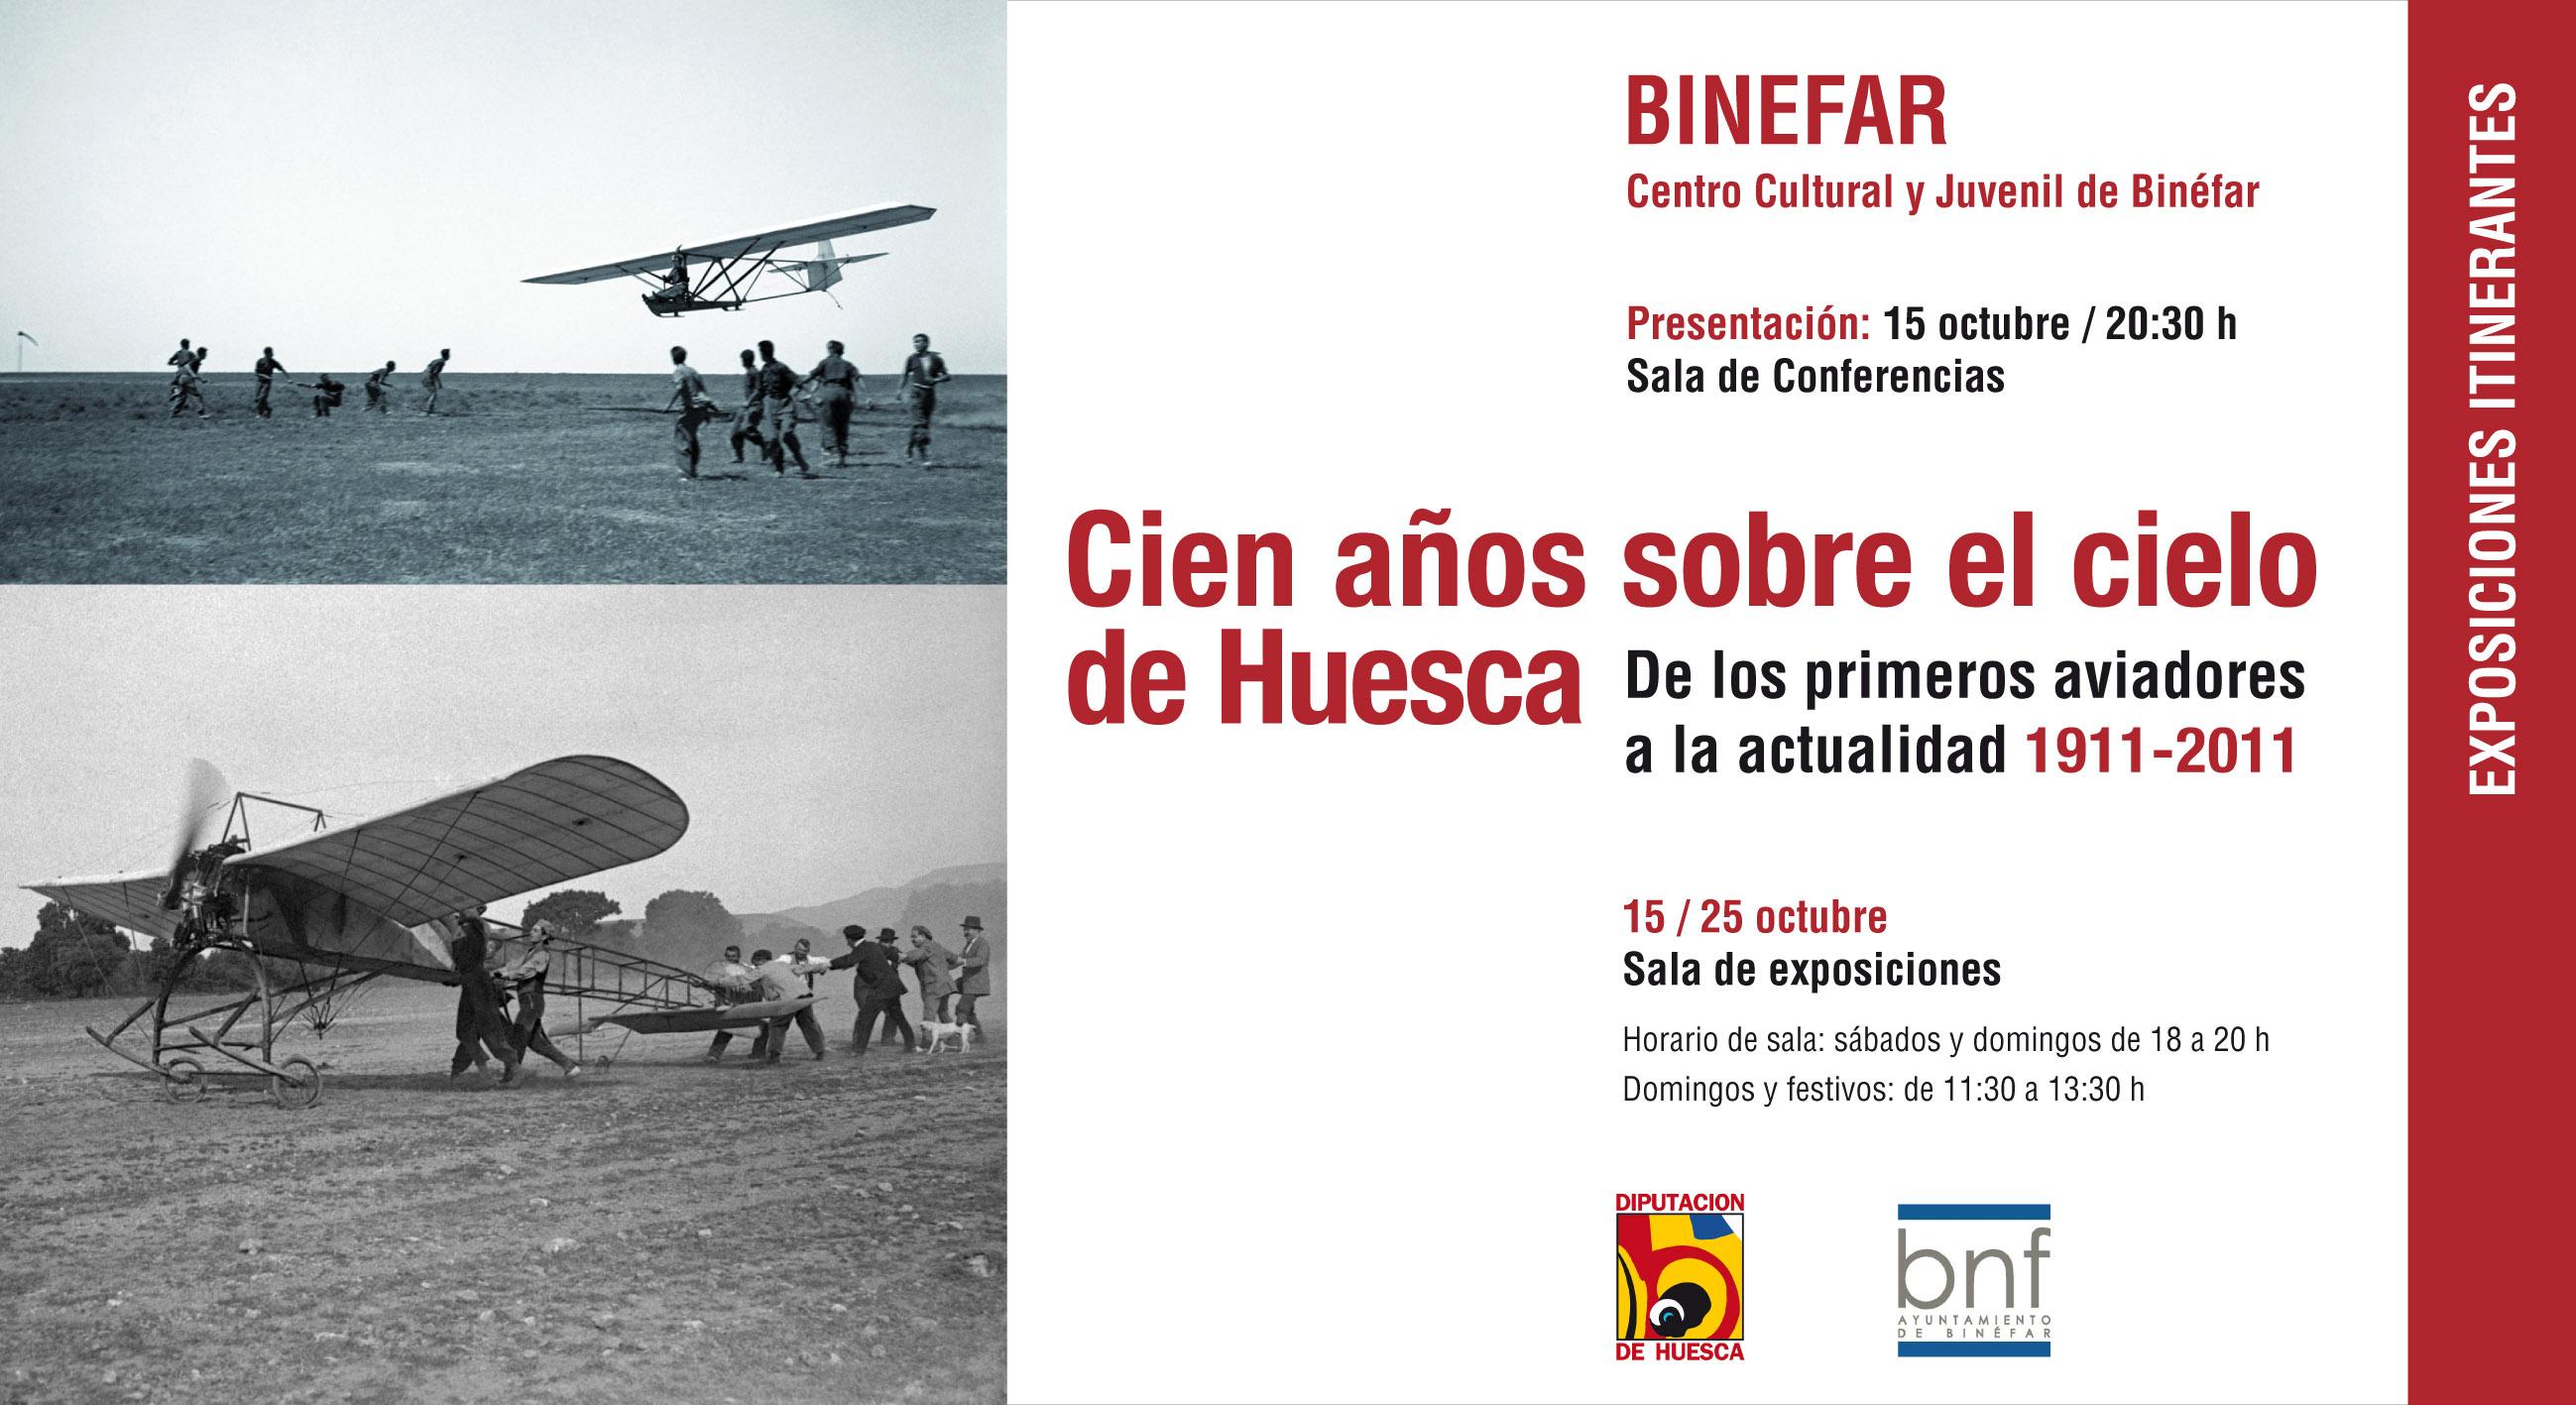 """Exposición """"CIEN AÑOS SBBRE EL CIELO DE HUESCA (1911-2011). DE LOS PRIMEROS AVIADORES A LA ACTUALIDAD"""